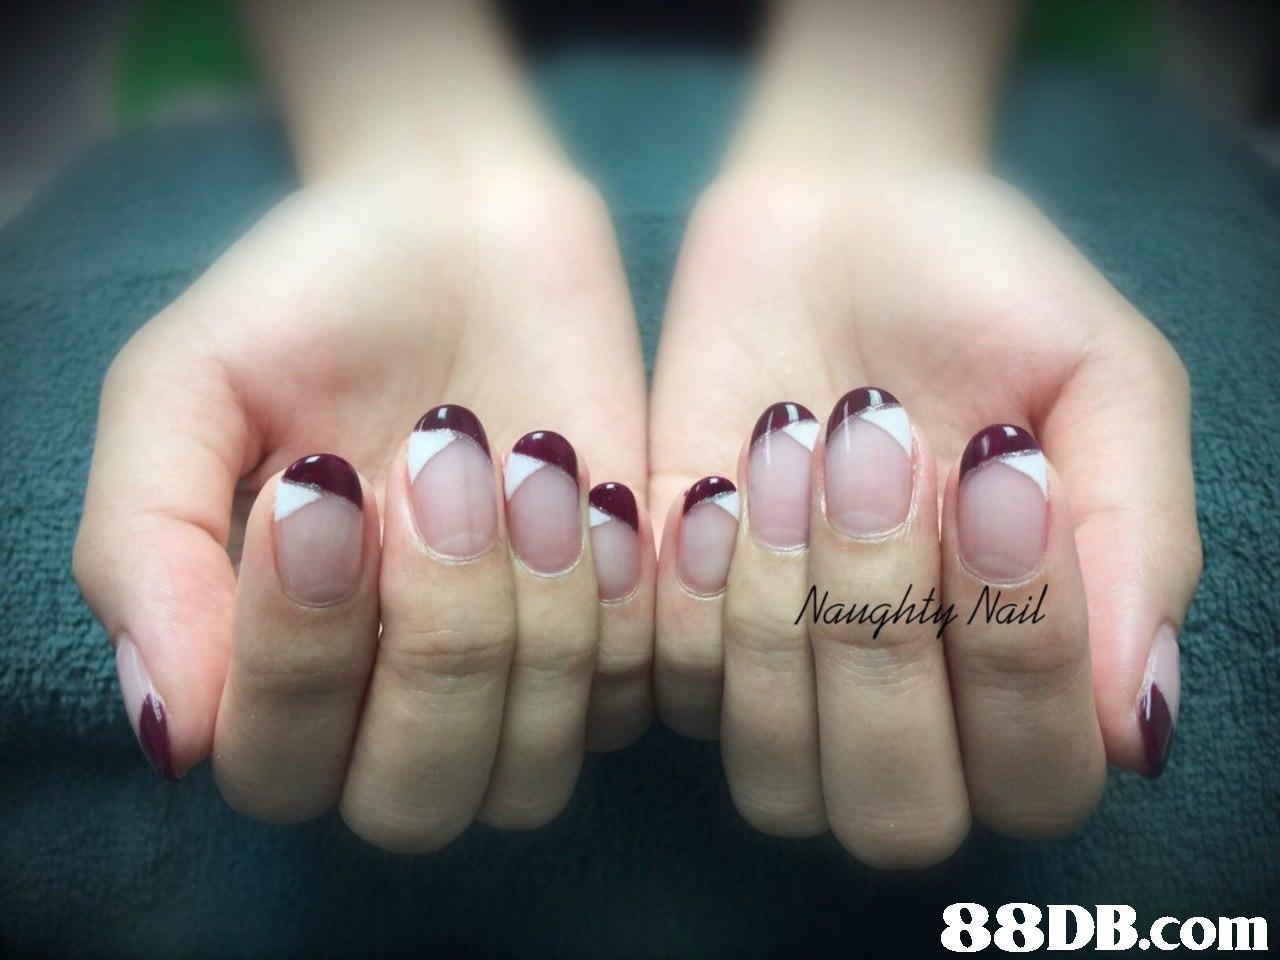 Nail   nail,finger,nail care,hand,manicure